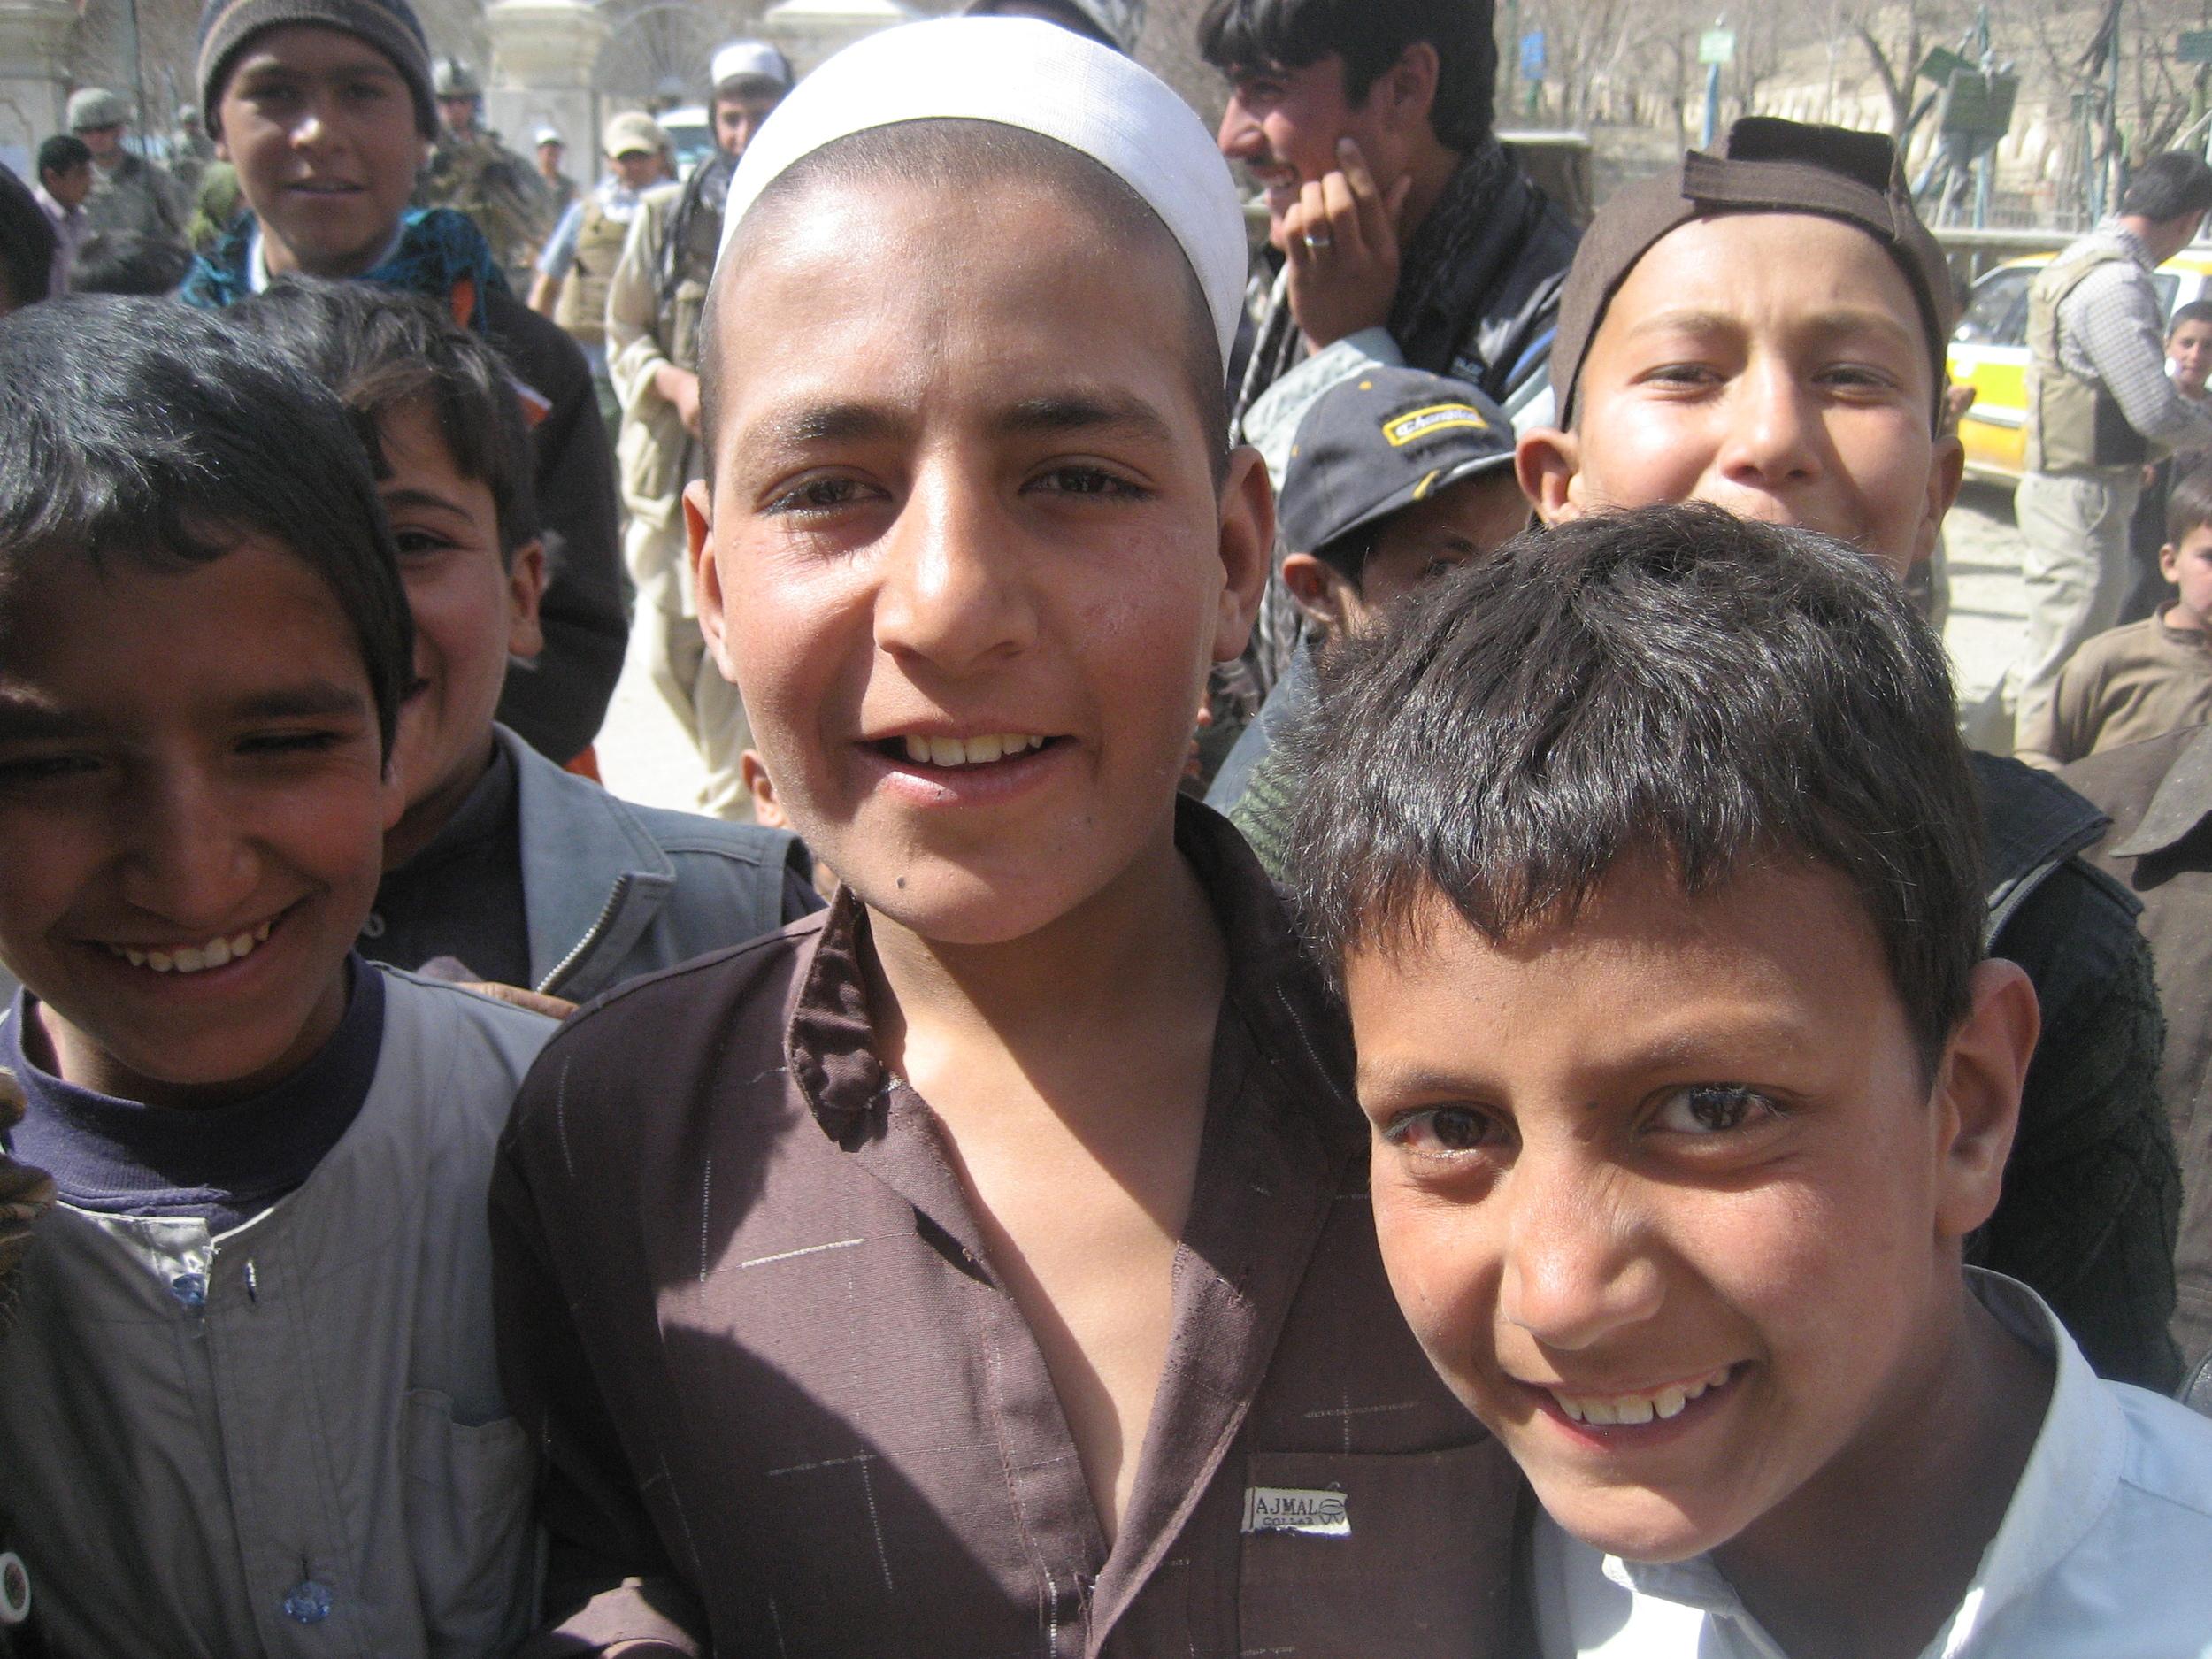 Curious Boys—Ghazni, Afghanistan